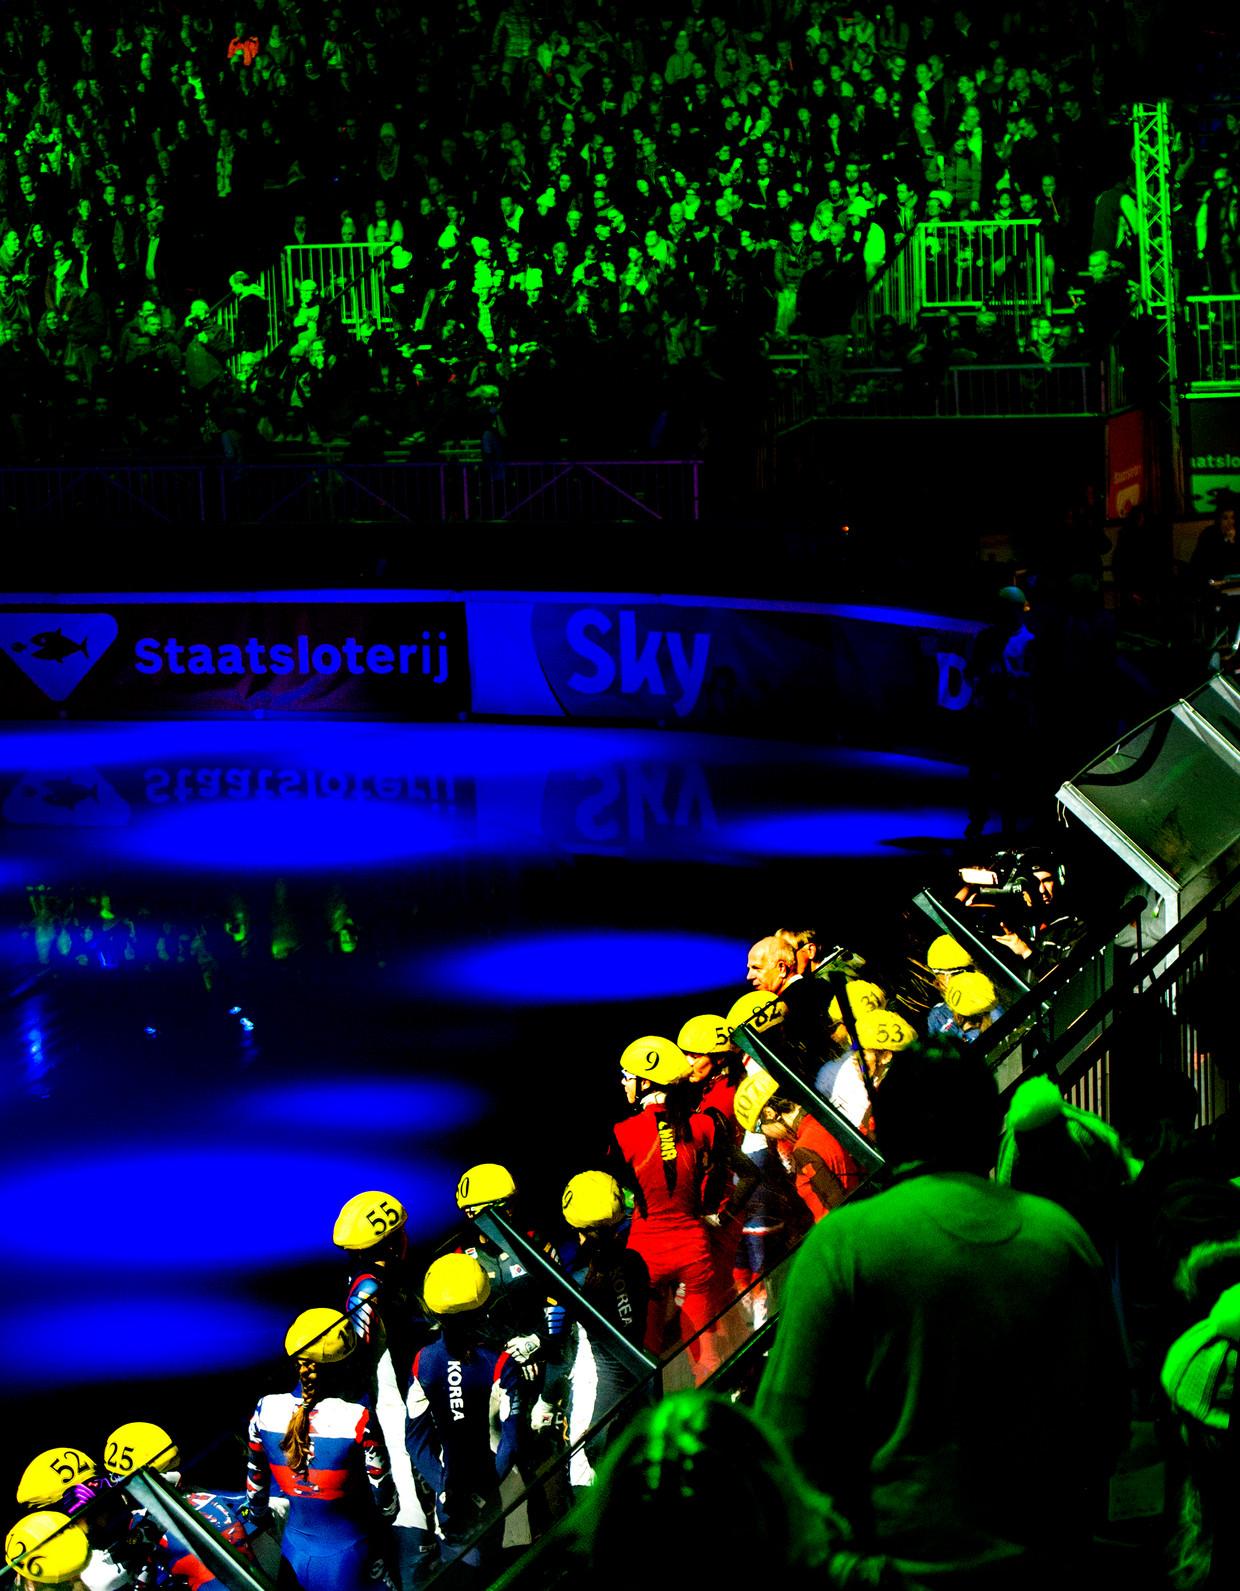 Deelnemers aan de aflossingsrace van een wereldbekerwedstrijd in Dordrecht (2018) worden met een lichtshow gepresenteerd.